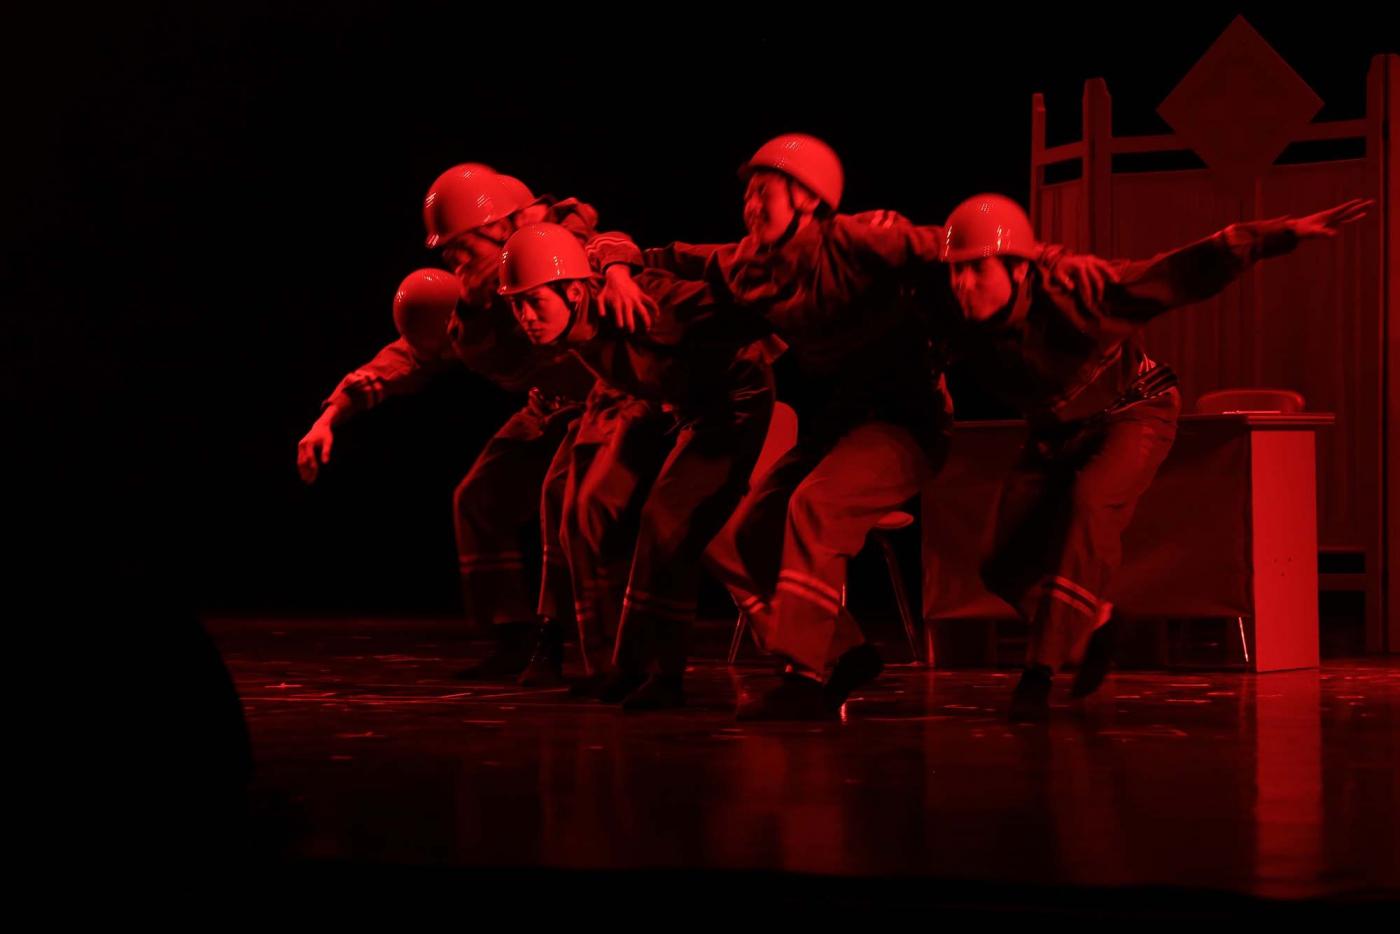 【达威】逆光下的舞台摄影_图1-3